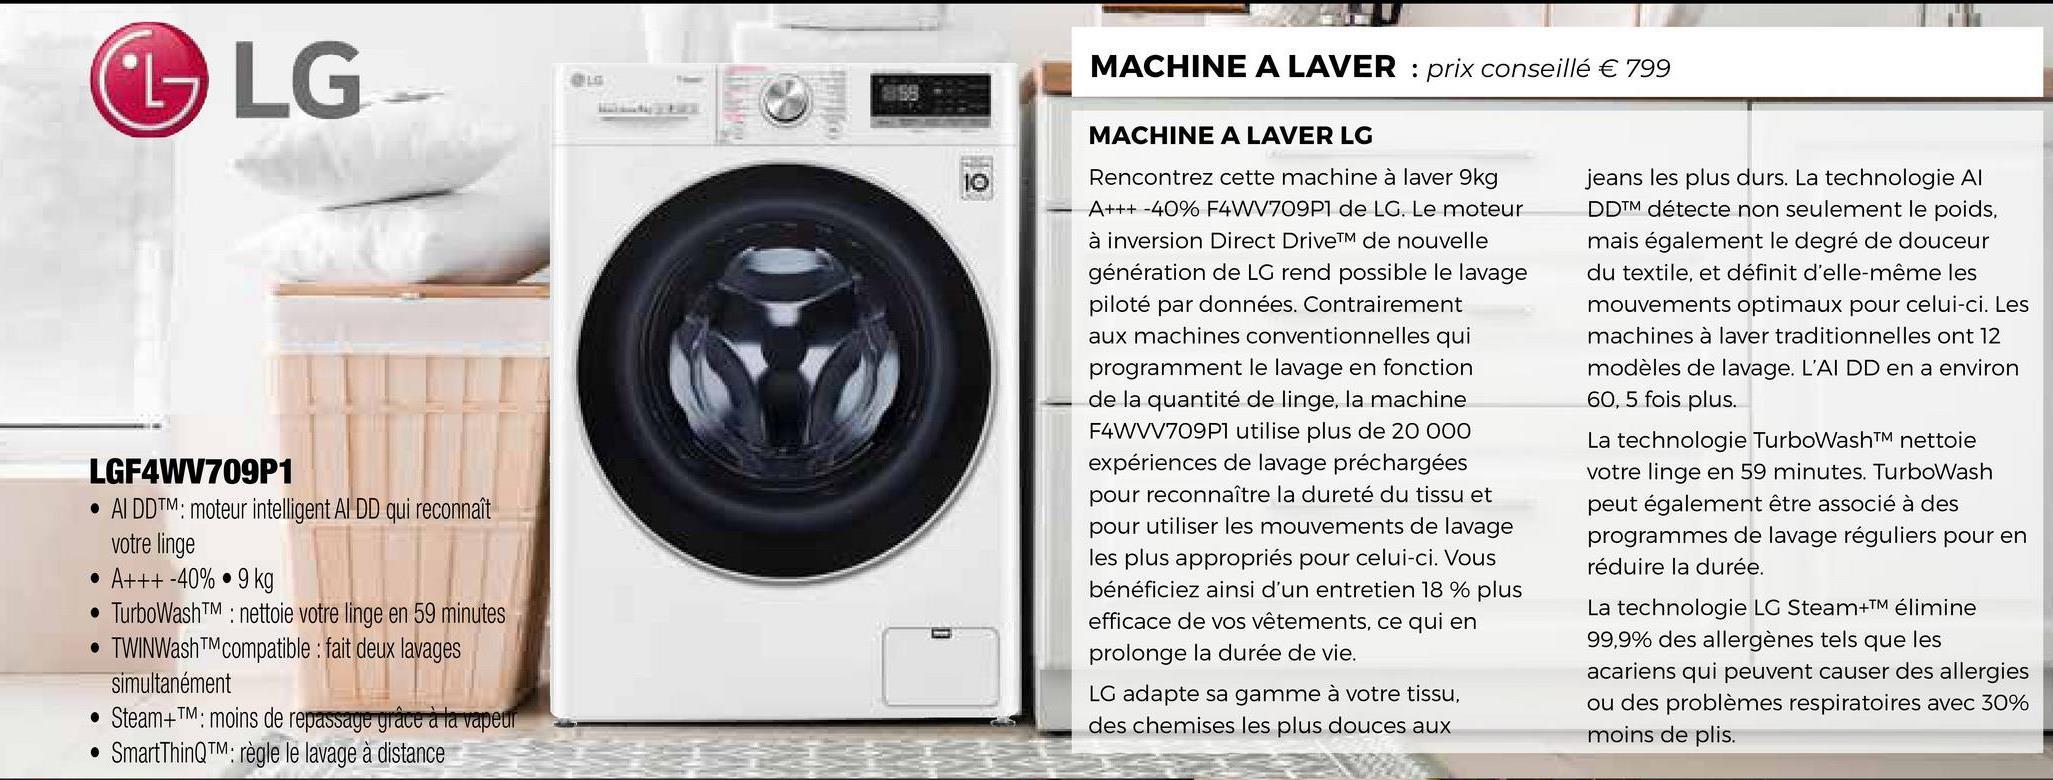 G LG MACHINE A LAVER : prix conseillé € 799 MACHINE A LAVER LG Rencontrez cette machine à laver 9kg A+++ -40% F4W1709P1 de LG. Le moteur à inversion Direct DriveTM de nouvelle génération de LG rend possible le lavage piloté par données. Contrairement aux machines conventionnelles qui programment le lavage en fonction de la quantité de linge, la machine F4WW709P1 utilise plus de 20 000 expériences de lavage préchargées pour reconnaître la dureté du tissu et pour utiliser les mouvements de lavage les plus appropriés pour celui-ci. Vous bénéficiez ainsi d'un entretien 18 % plus efficace de vos vêtements, ce qui en prolonge la durée de vie. LGF4WV709P1 • AI DDTM: moteur intelligent Al DD qui reconnaît votre linge • A+++-40%.9 kg • TurboWashTM : nettoie votre linge en 59 minutes • TWINWashTM compatible : fait deux lavages simultanément • Steam+TM: moins de repassage grâce à la vapeur • SmartThinQTM: règle le lavage à distance jeans les plus durs. La technologie Al DDTM détecte non seulement le poids, mais également le degré de douceur du textile, et définit d'elle-même les mouvements optimaux pour celui-ci. Les machines à laver traditionnelles ont 12 modèles de lavage. L'AIDD en a environ 60, 5 fois plus. La technologie TurboWash™ nettoie votre linge en 59 minutes. TurboWash peut également être associé à des programmes de lavage réguliers pour en réduire la durée. La technologie LG Steam+TM élimine 99,9% des allergènes tels que les acariens qui peuvent causer des allergies ou des problèmes respiratoires avec 30% moins de plis. LG adapte sa gamme à votre tissu, des chemises les plus douces aux